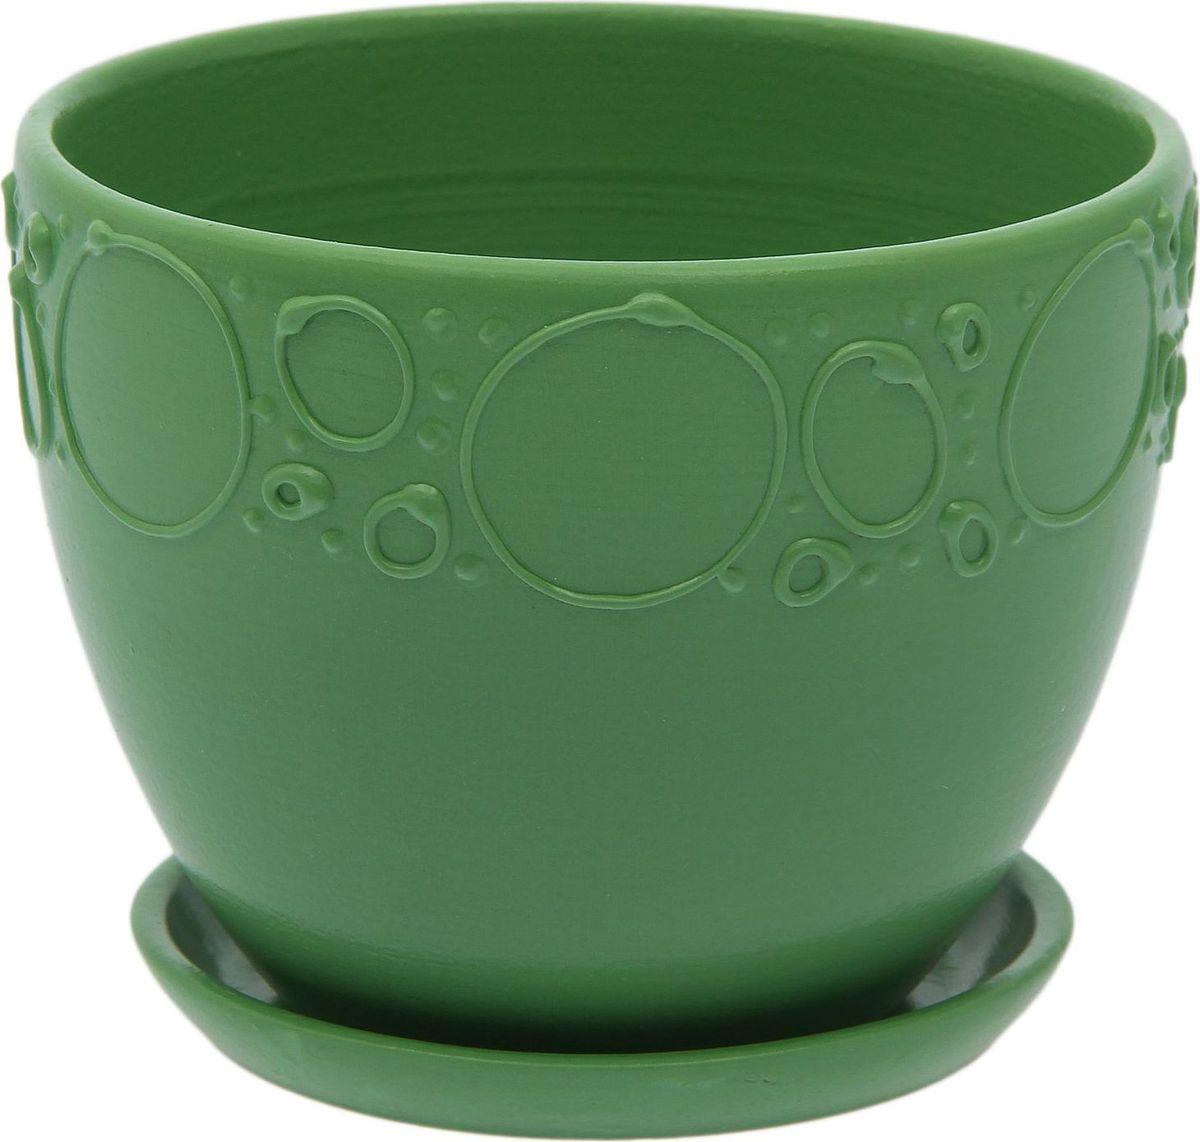 Кашпо Пузыри, цвет: зеленый, 0,8 л2015525Комнатные растения - всеобщие любимцы. Они радуют глаз, насыщают помещение кислородом и украшают пространство. Каждому из них необходим свой удобный и красивый дом. Кашпо из керамики прекрасно подходят для высадки растений: пористый материал позволяет испаряться лишней влаге; воздух, необходимый для дыхания корней, проникает сквозь керамические стенки. Кашпо Пузыри позаботится о зелёном питомце, освежит интерьер и подчеркнёт его стиль. Объем: 0,8 л.